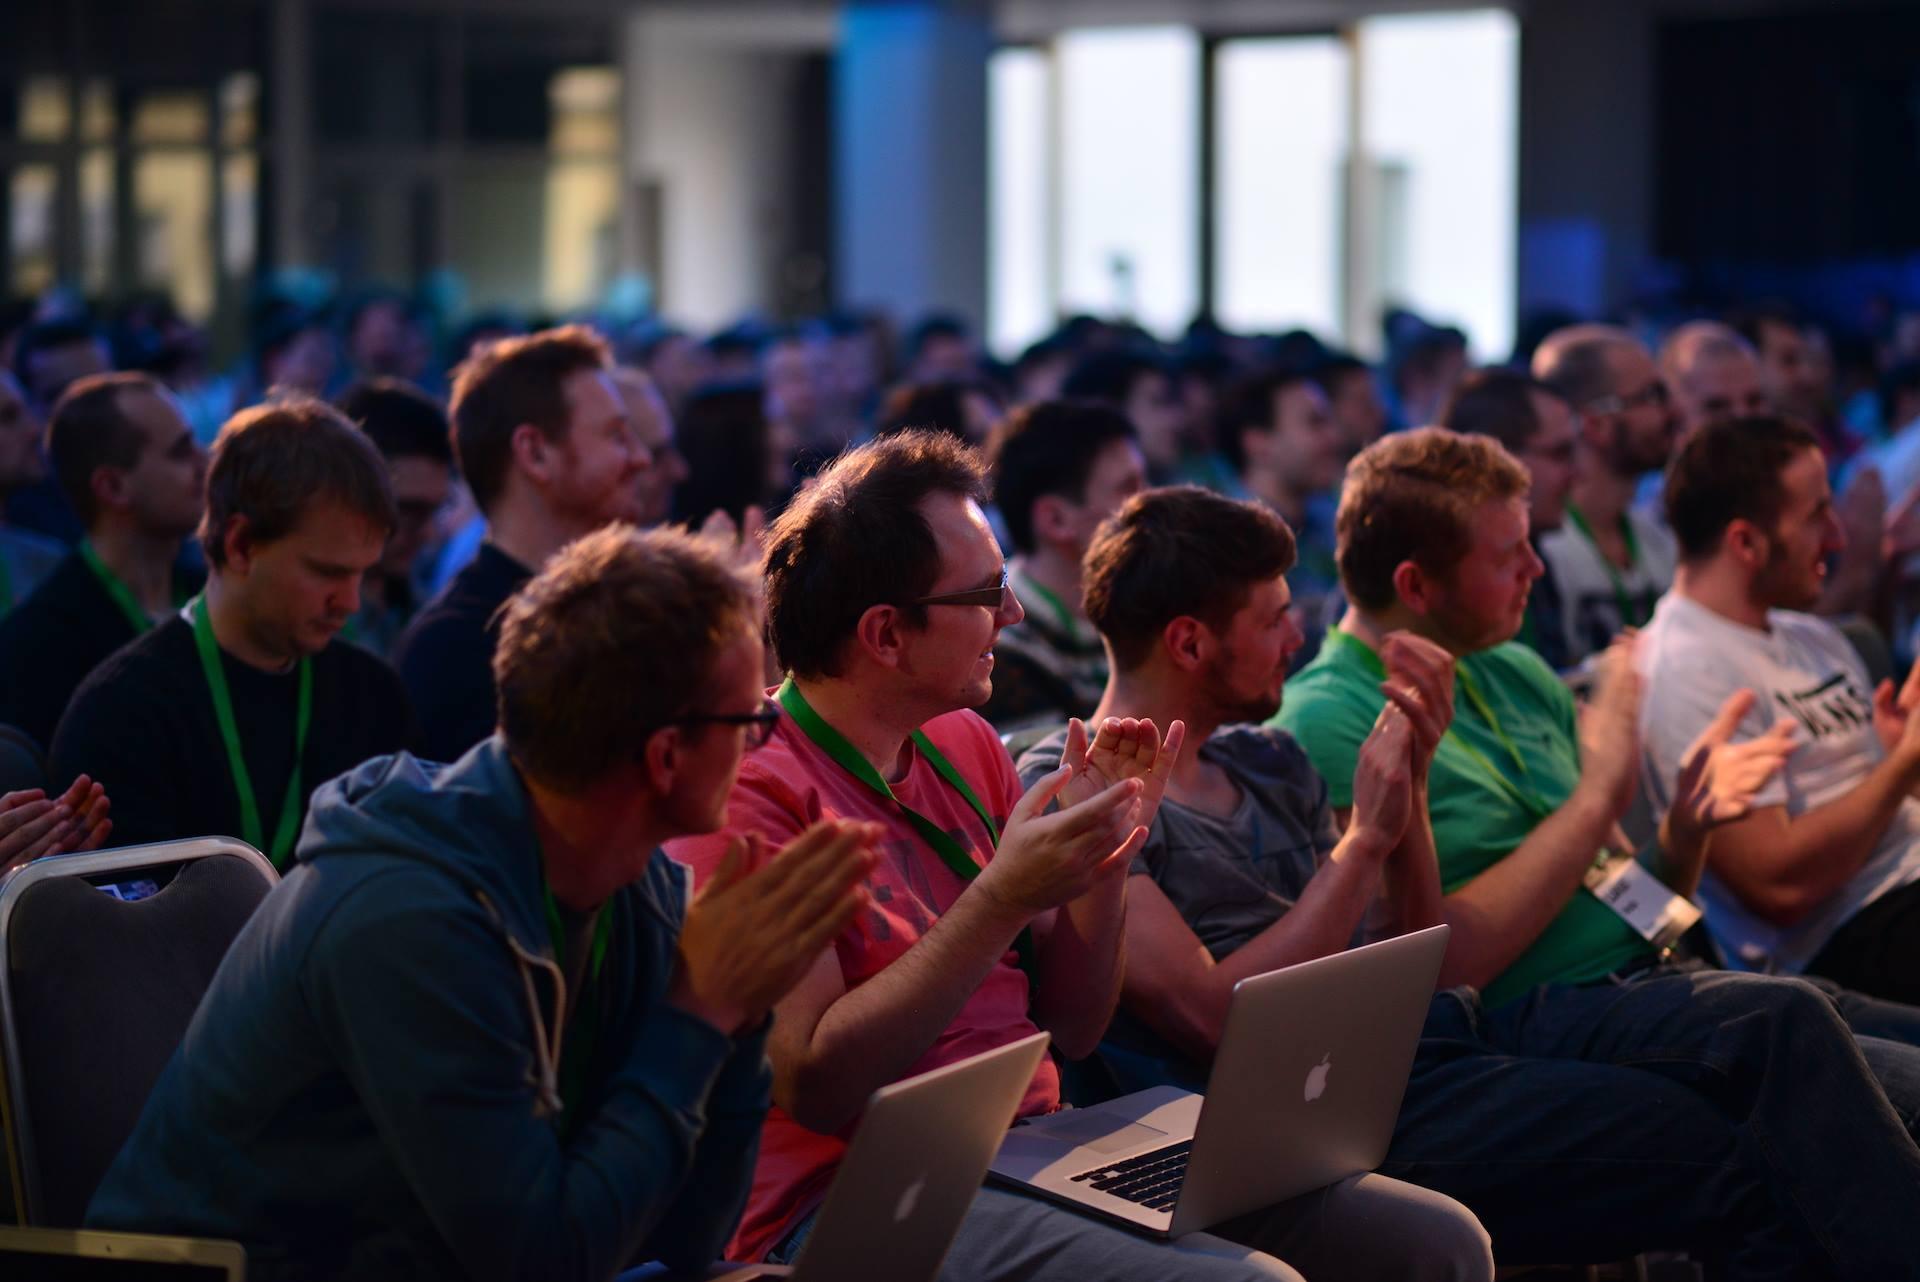 Bratislava pritiahla stovky svetových vývojárov na konferencii Reactive